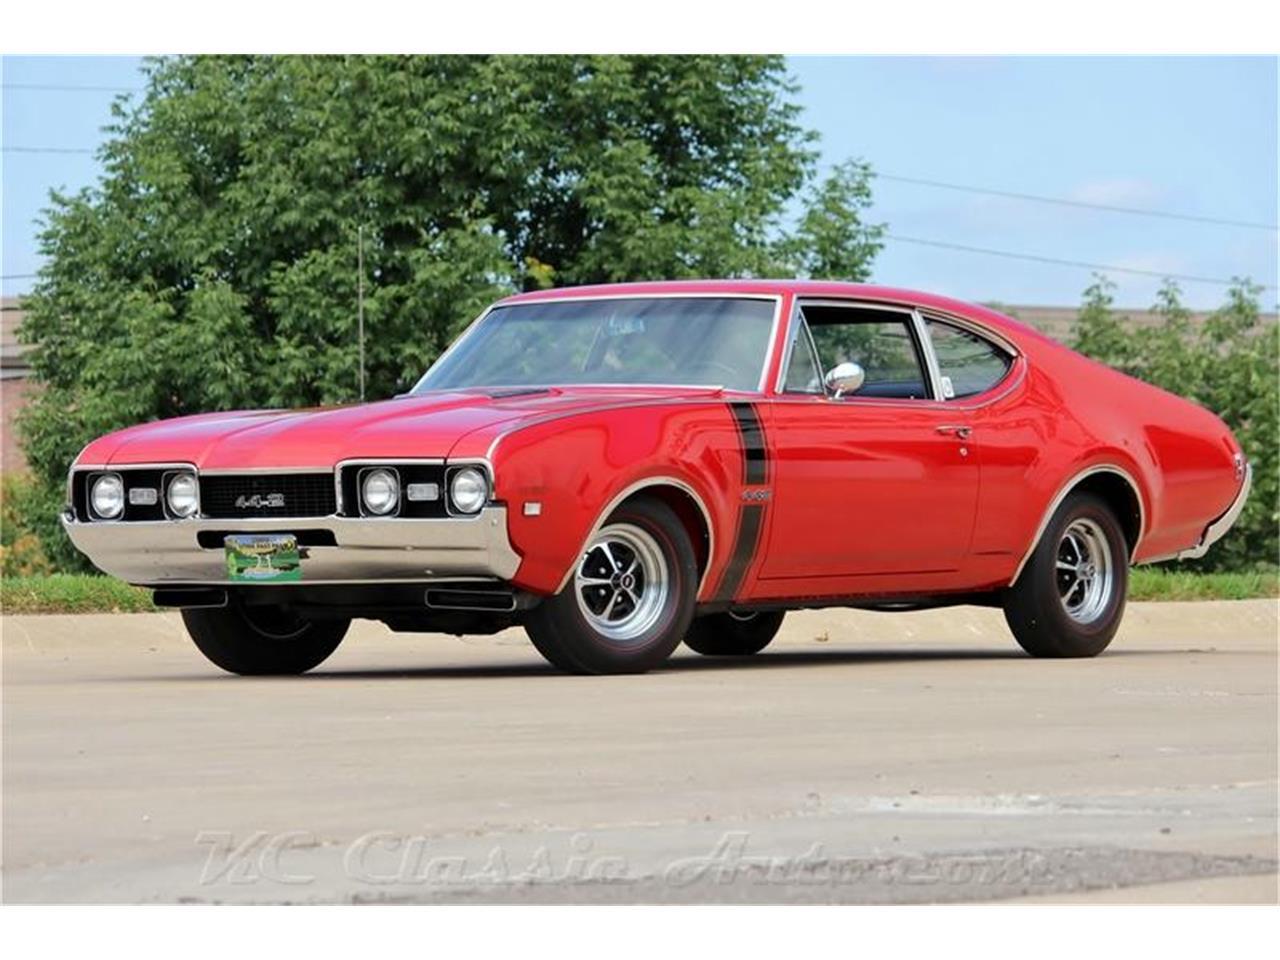 2153102 1968 oldsmobile 442 w30 4spd excellent car std